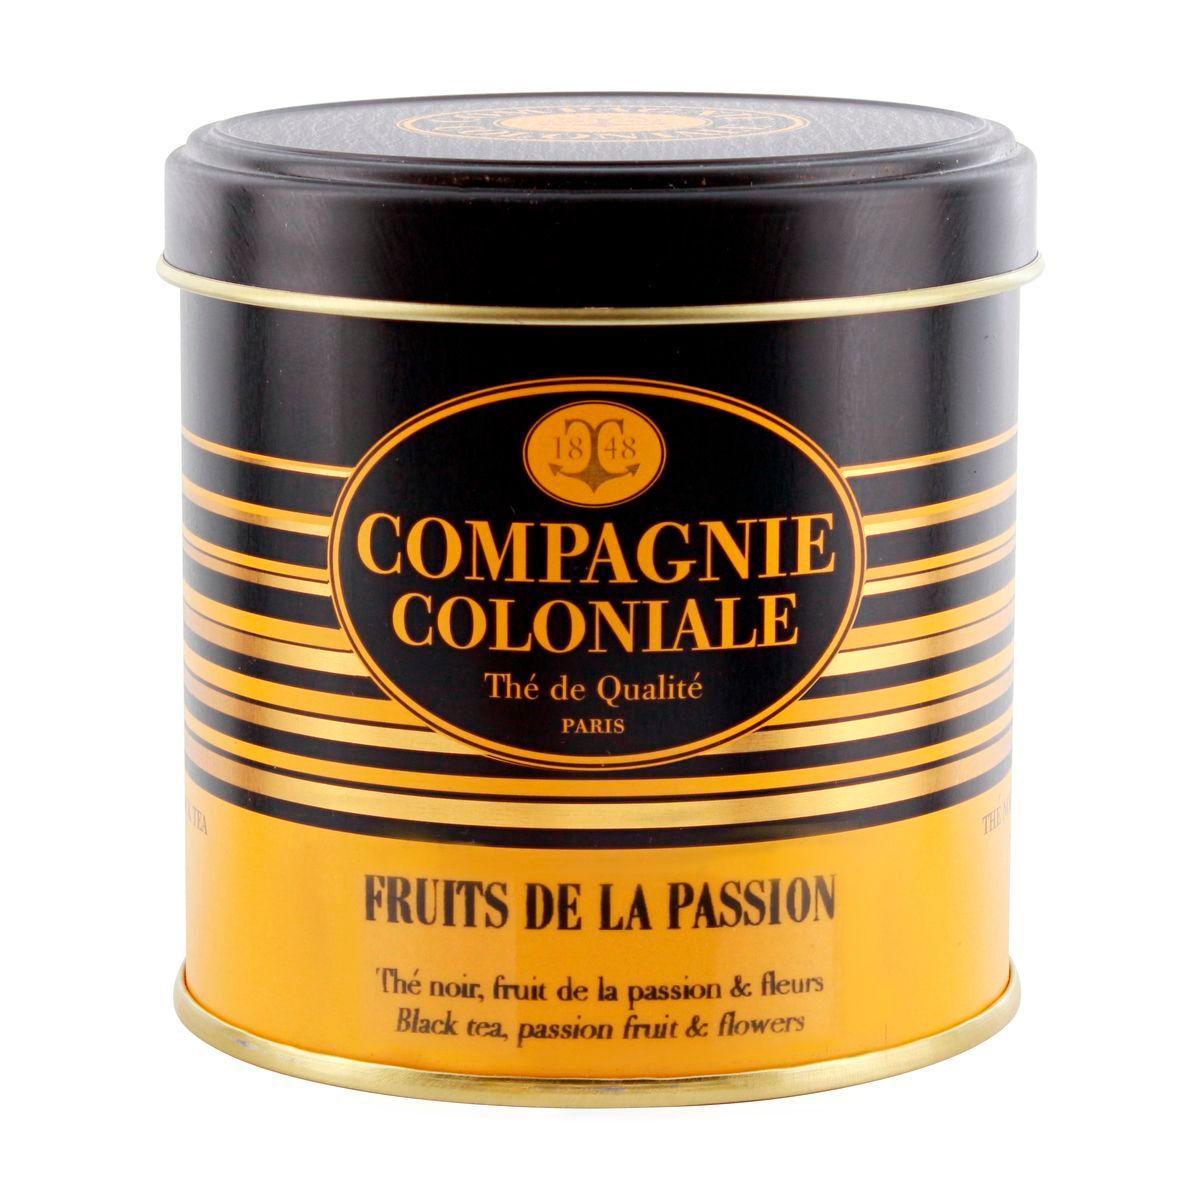 Thé noir aromatisé boîte métal fruits de la passion 120gr - Compagnie Coloniale